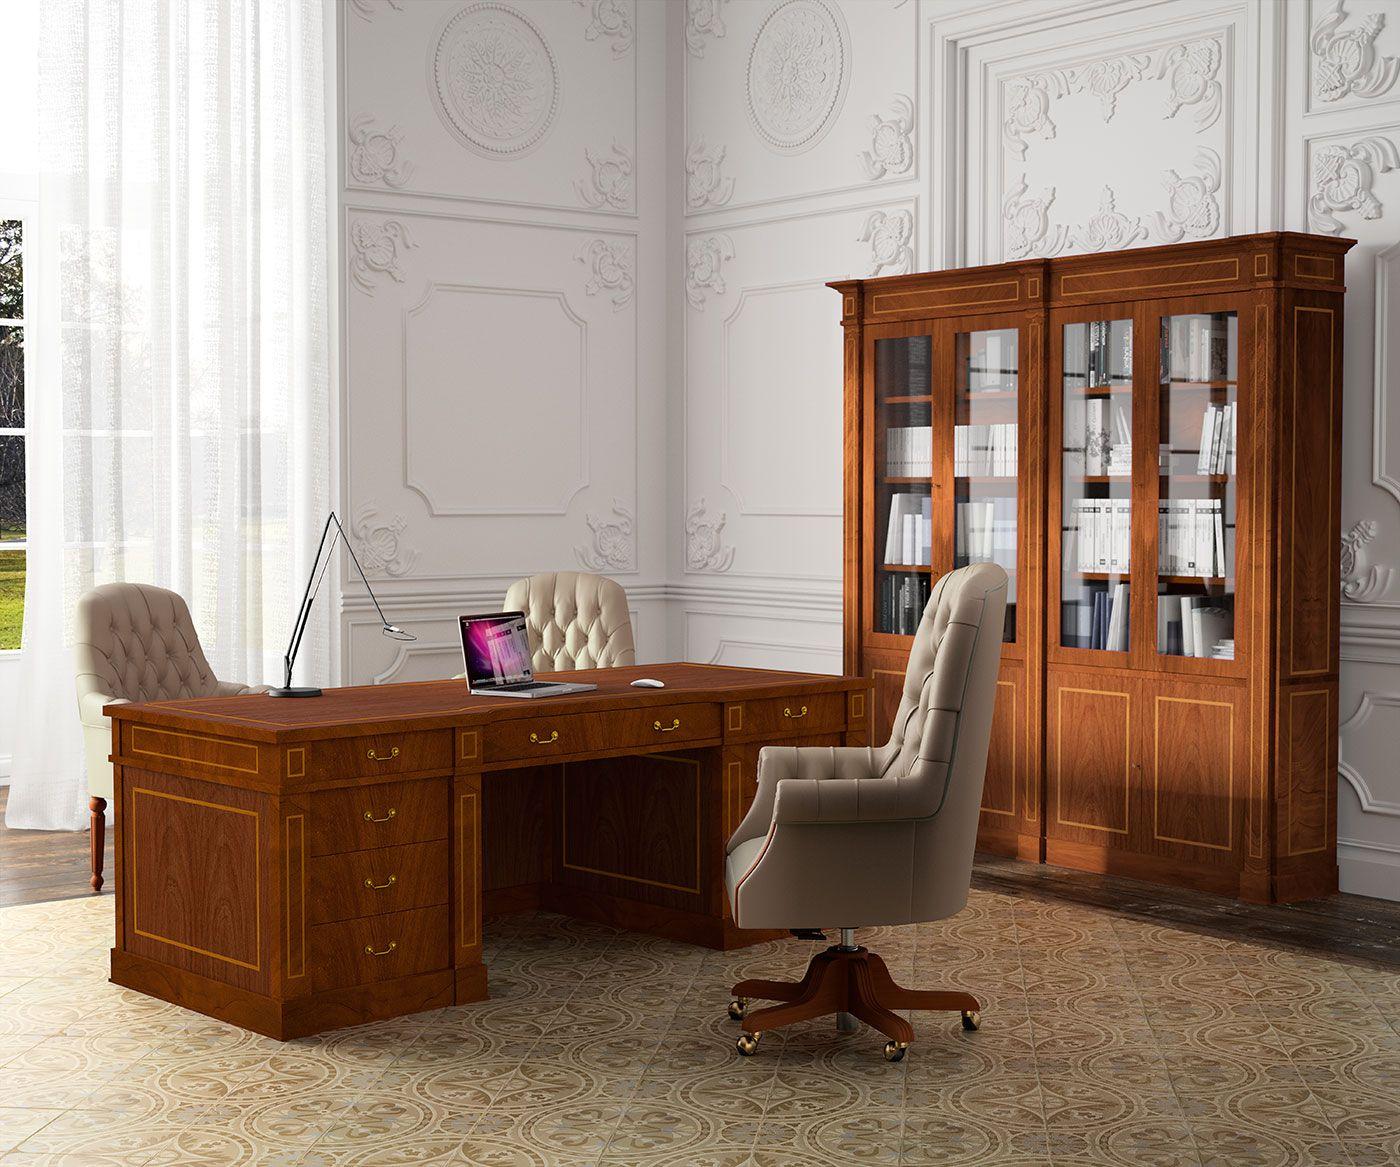 Muebles Cl Sicos De Oficina De La Serie Art Luxe Con Acabados En  # Muebles Direccion